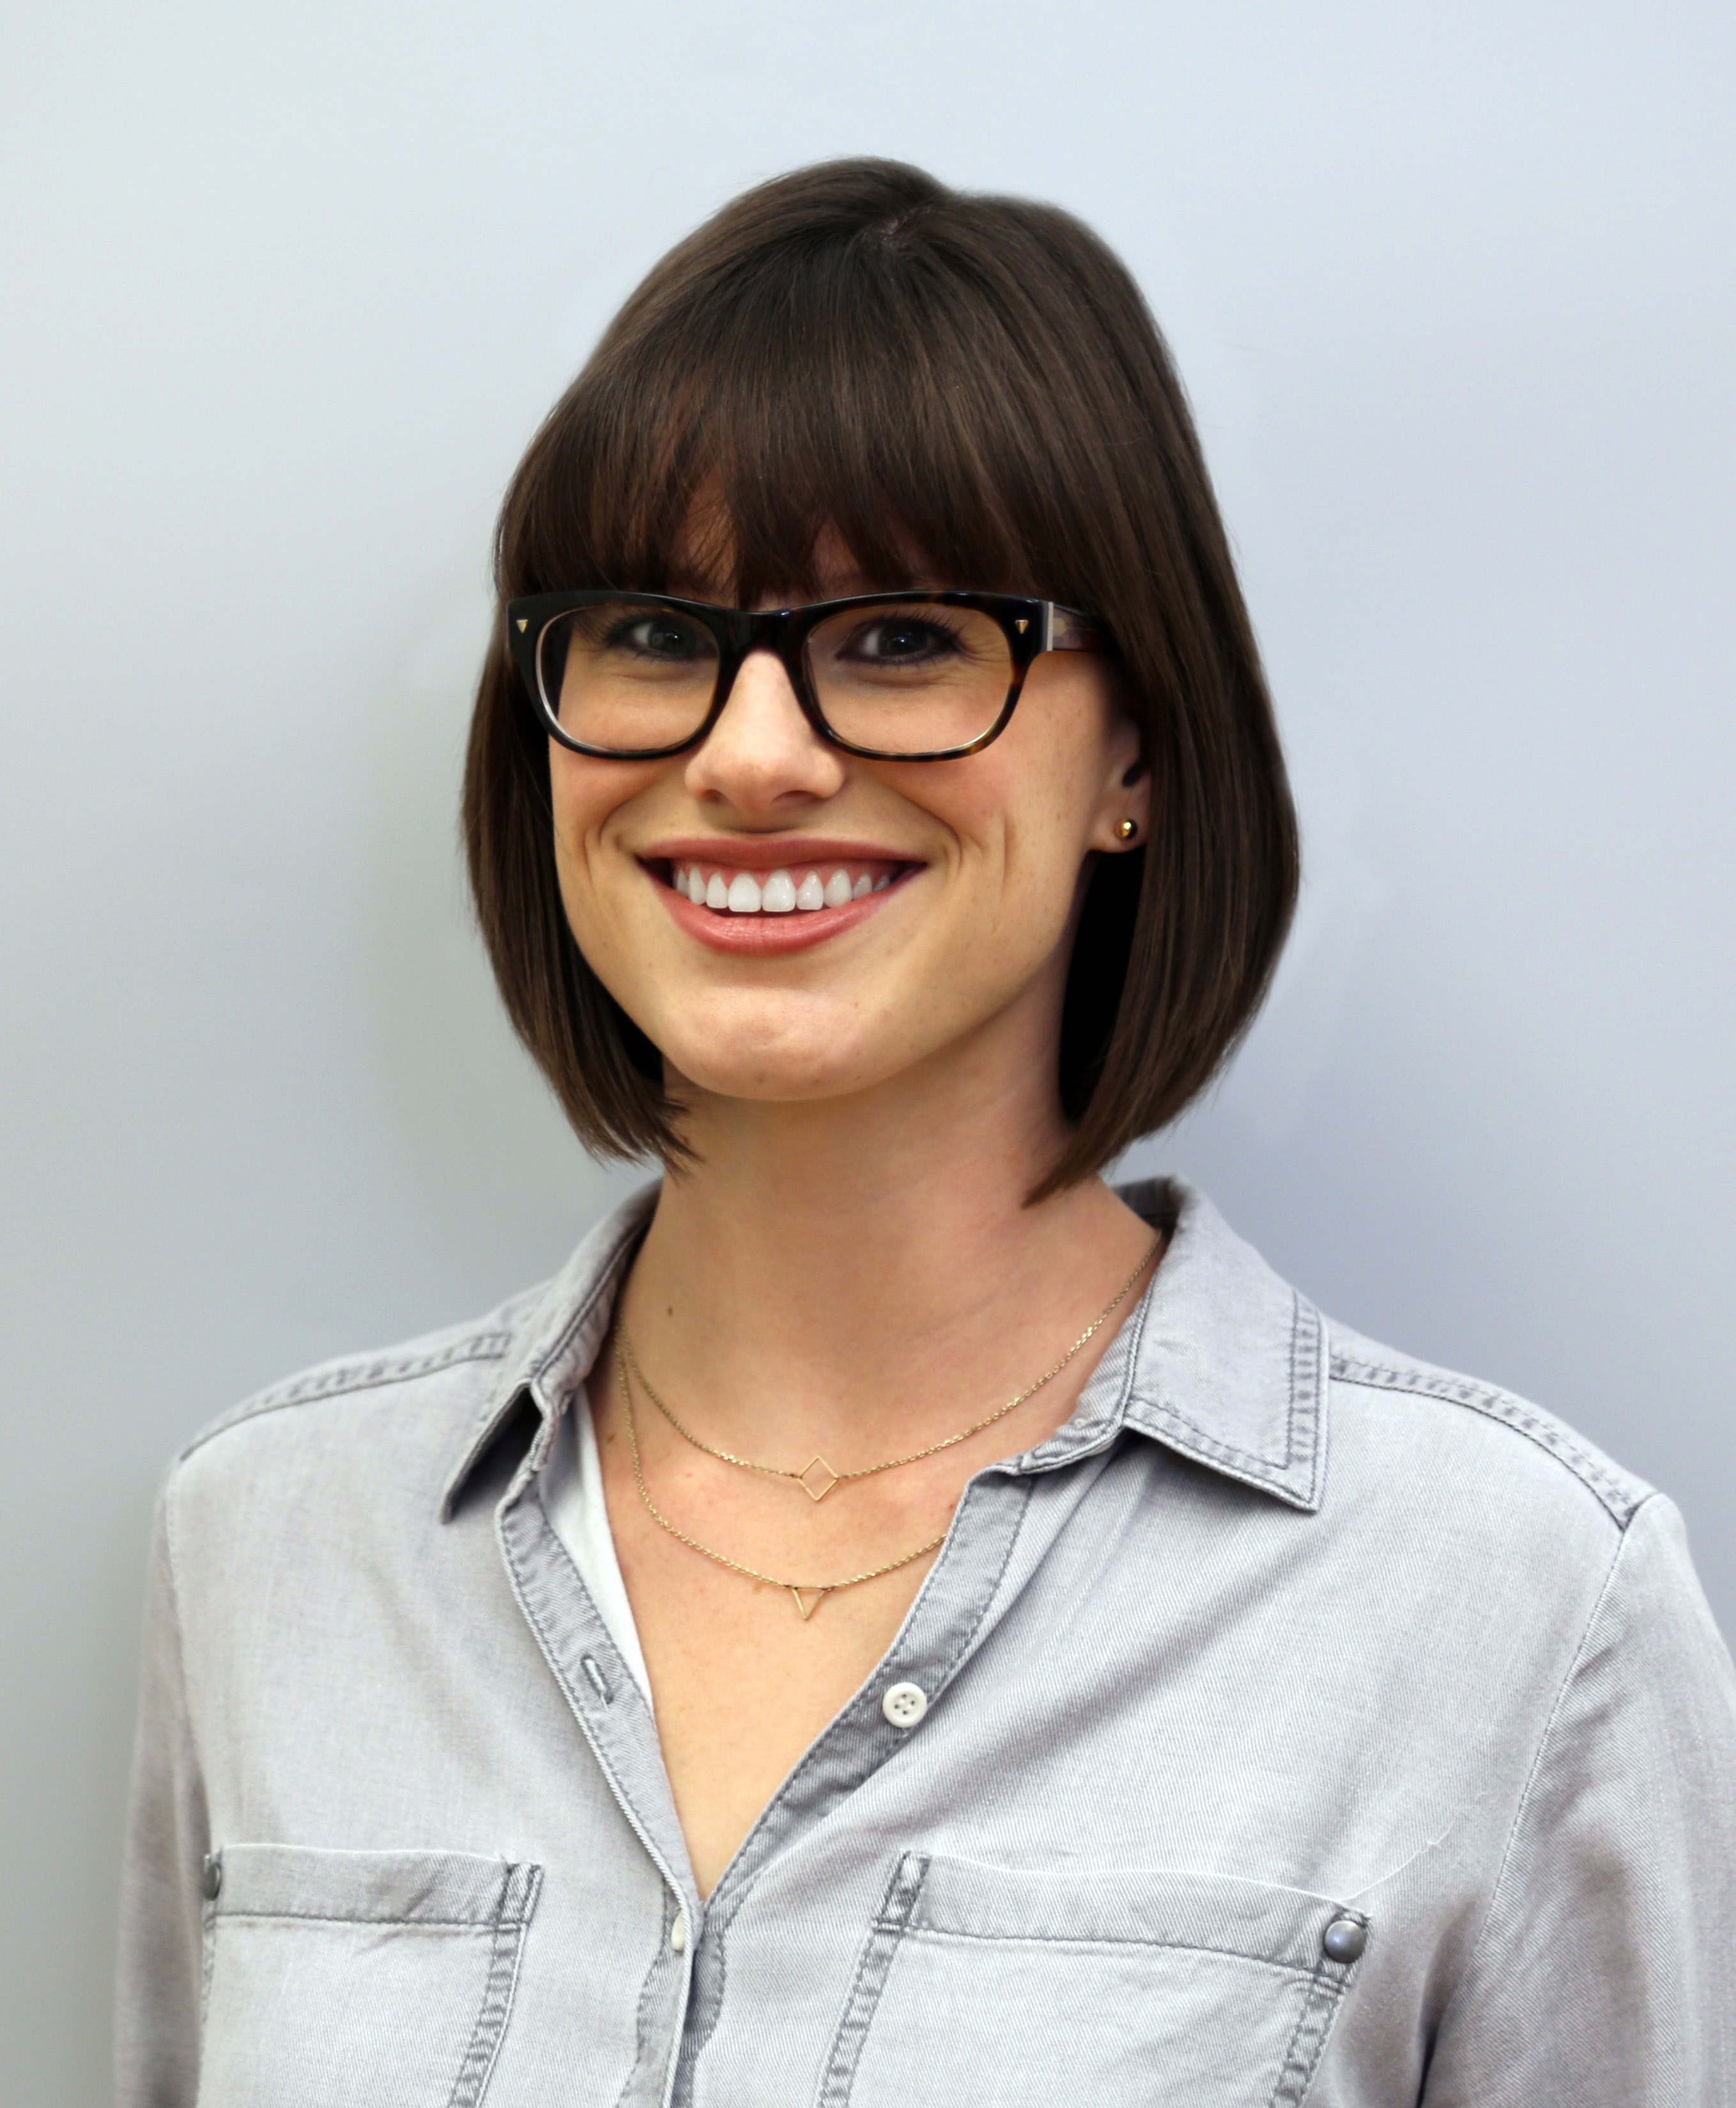 Kristen Bushnell Perez - Director - Creative Synchronization